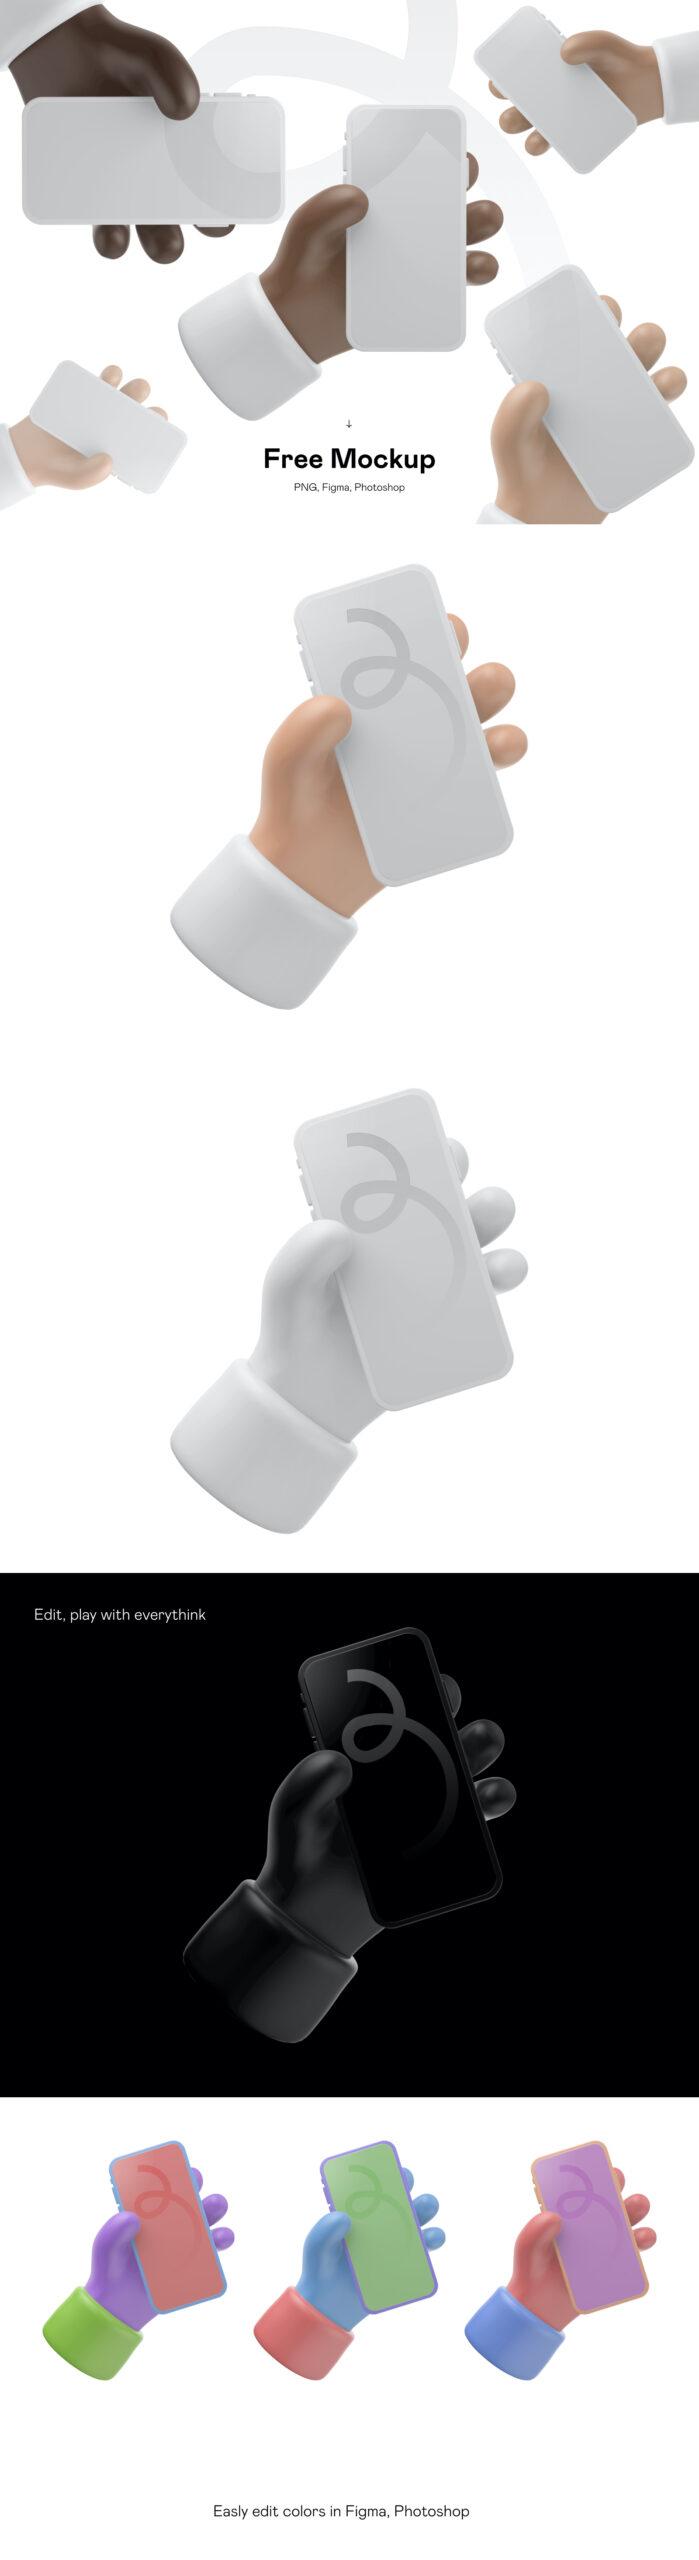 3D卡通iPhone 12手机样机插图